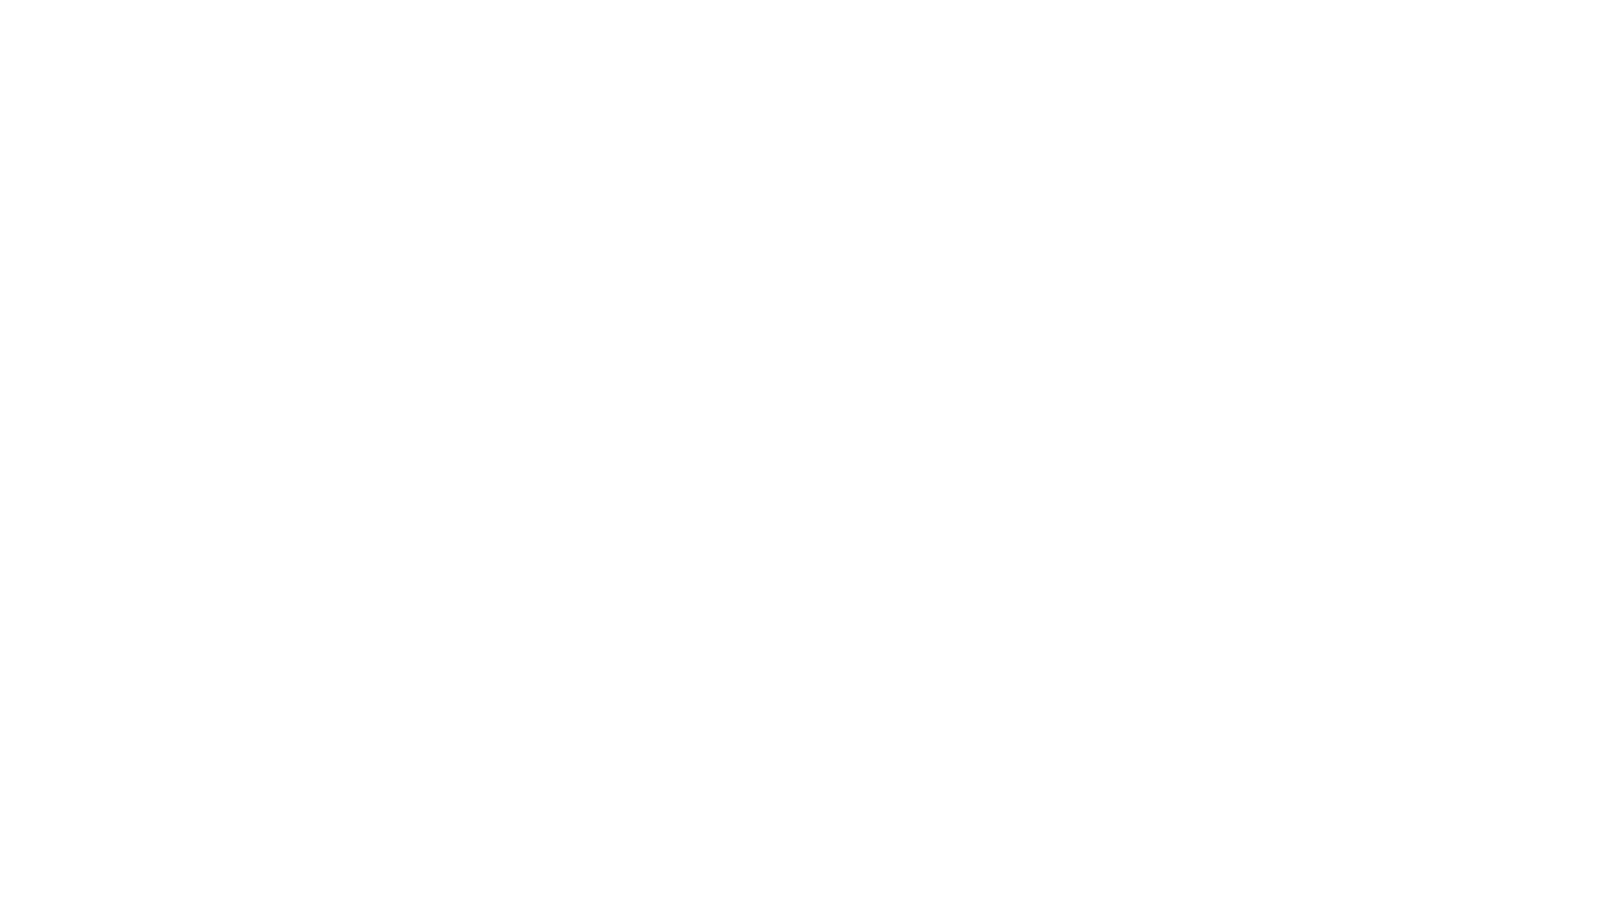 """Le audionews di Ondawebtv 👩💻#lenotizieinpositivo 🔖 14 aprile 👉Vaccino anticovid, dubbi e certezze. Webinar dell'Associazione Progresso 👉""""Artisticincontri - Creare, Custodire, Valorizzare"""". Evento online 👉Lo scaffale del Mann - Elisa Bonacini """"I Musei e lo storytelling digitale"""" 👉In tutto liber...presenta """"Finché il caffè è caldo"""" 🌼Buon ascolto con le imperdibili pillole di informazione culturale made in Caserta! 📲 Iscrivetevi al canale YouTube di Ondawebtv e seguite le nostre pagine su FB, Instagram e Spotify"""